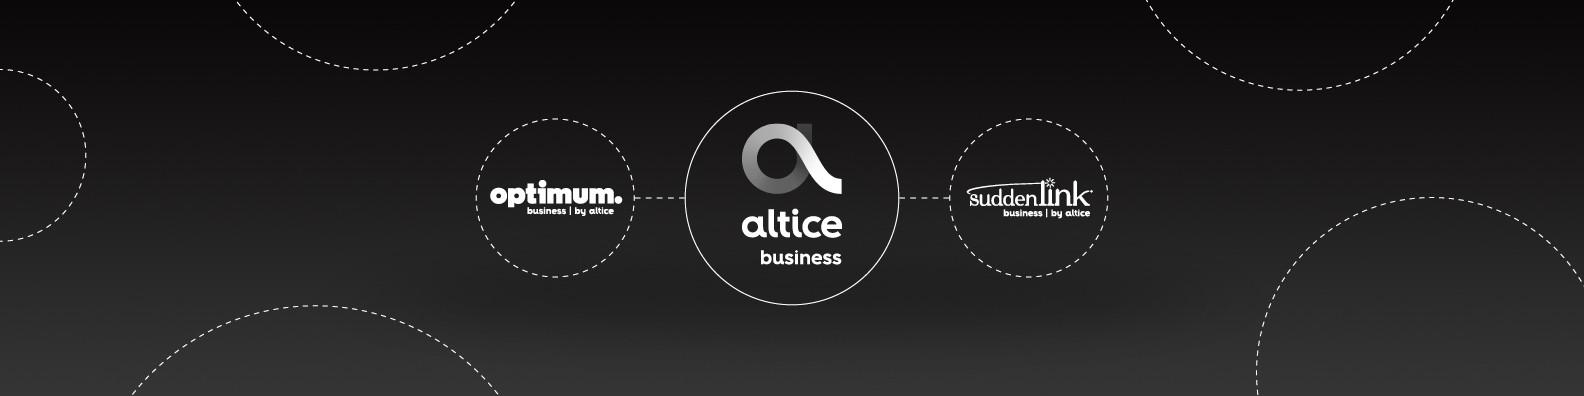 Altice Business USA | LinkedIn